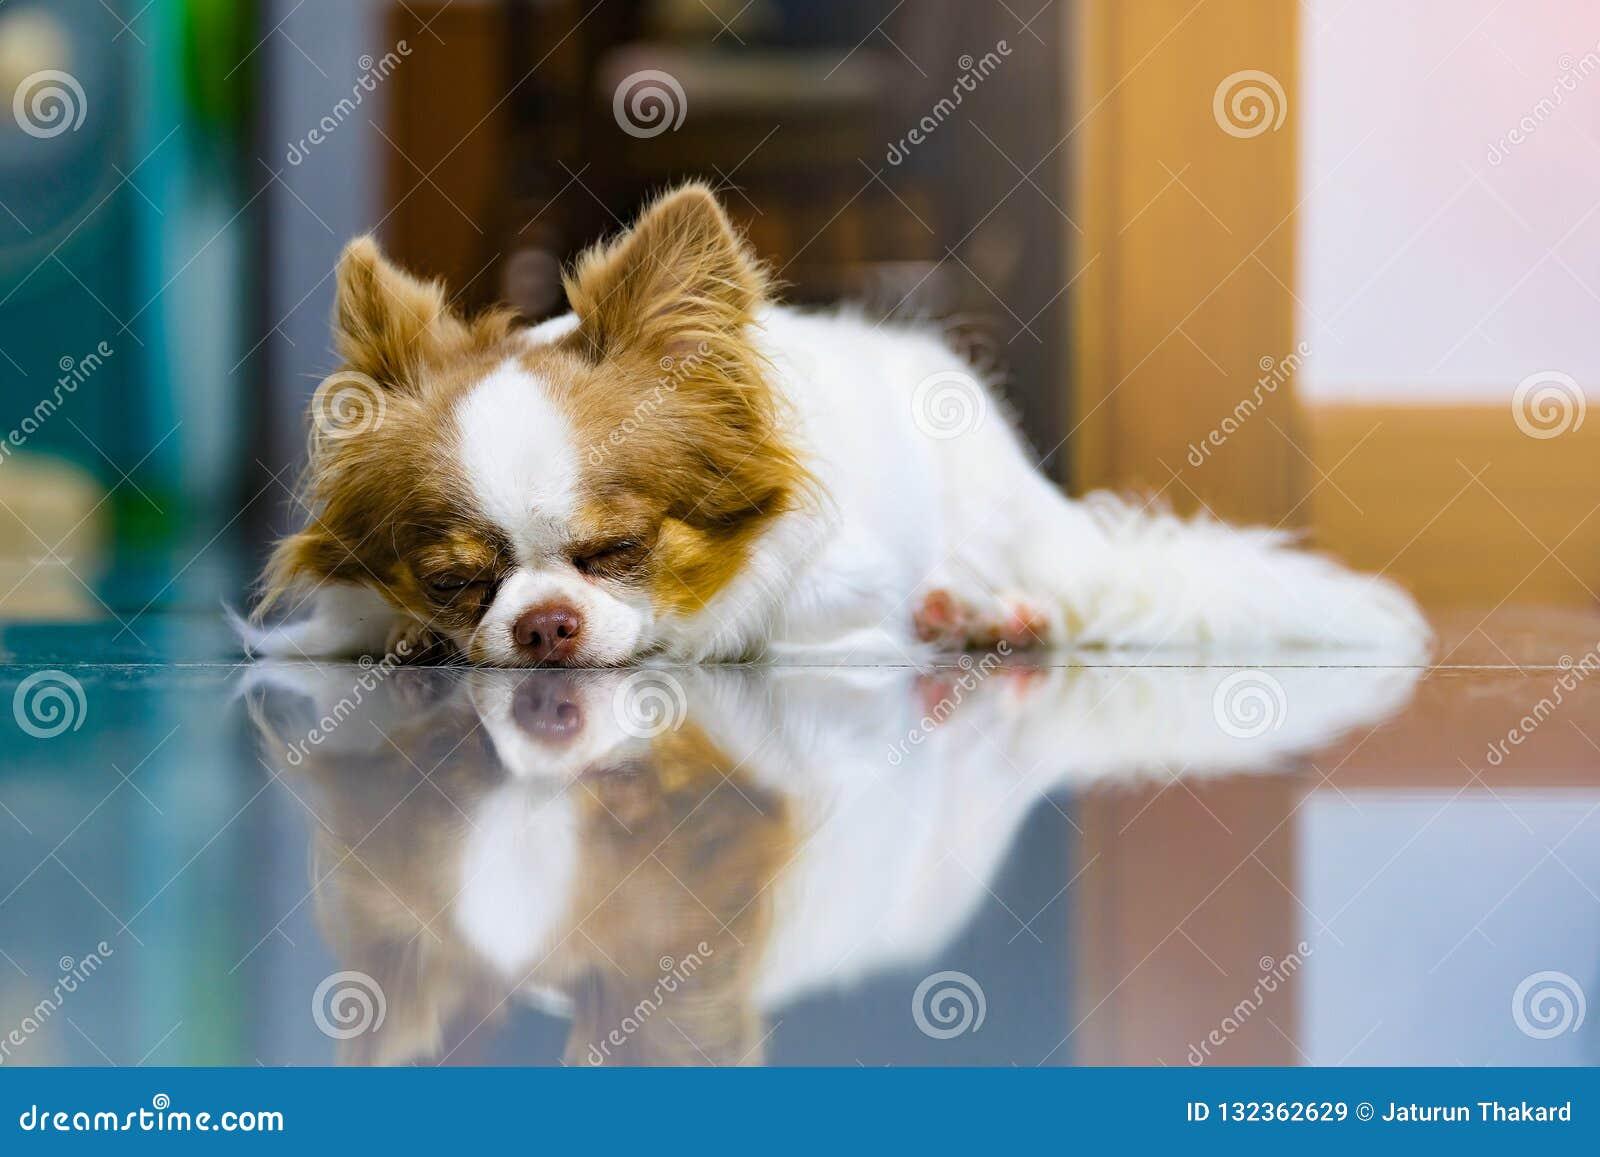 Ленивая собака, милый коричневый и белый чихуахуа спать и ослабляя на кафельном поле